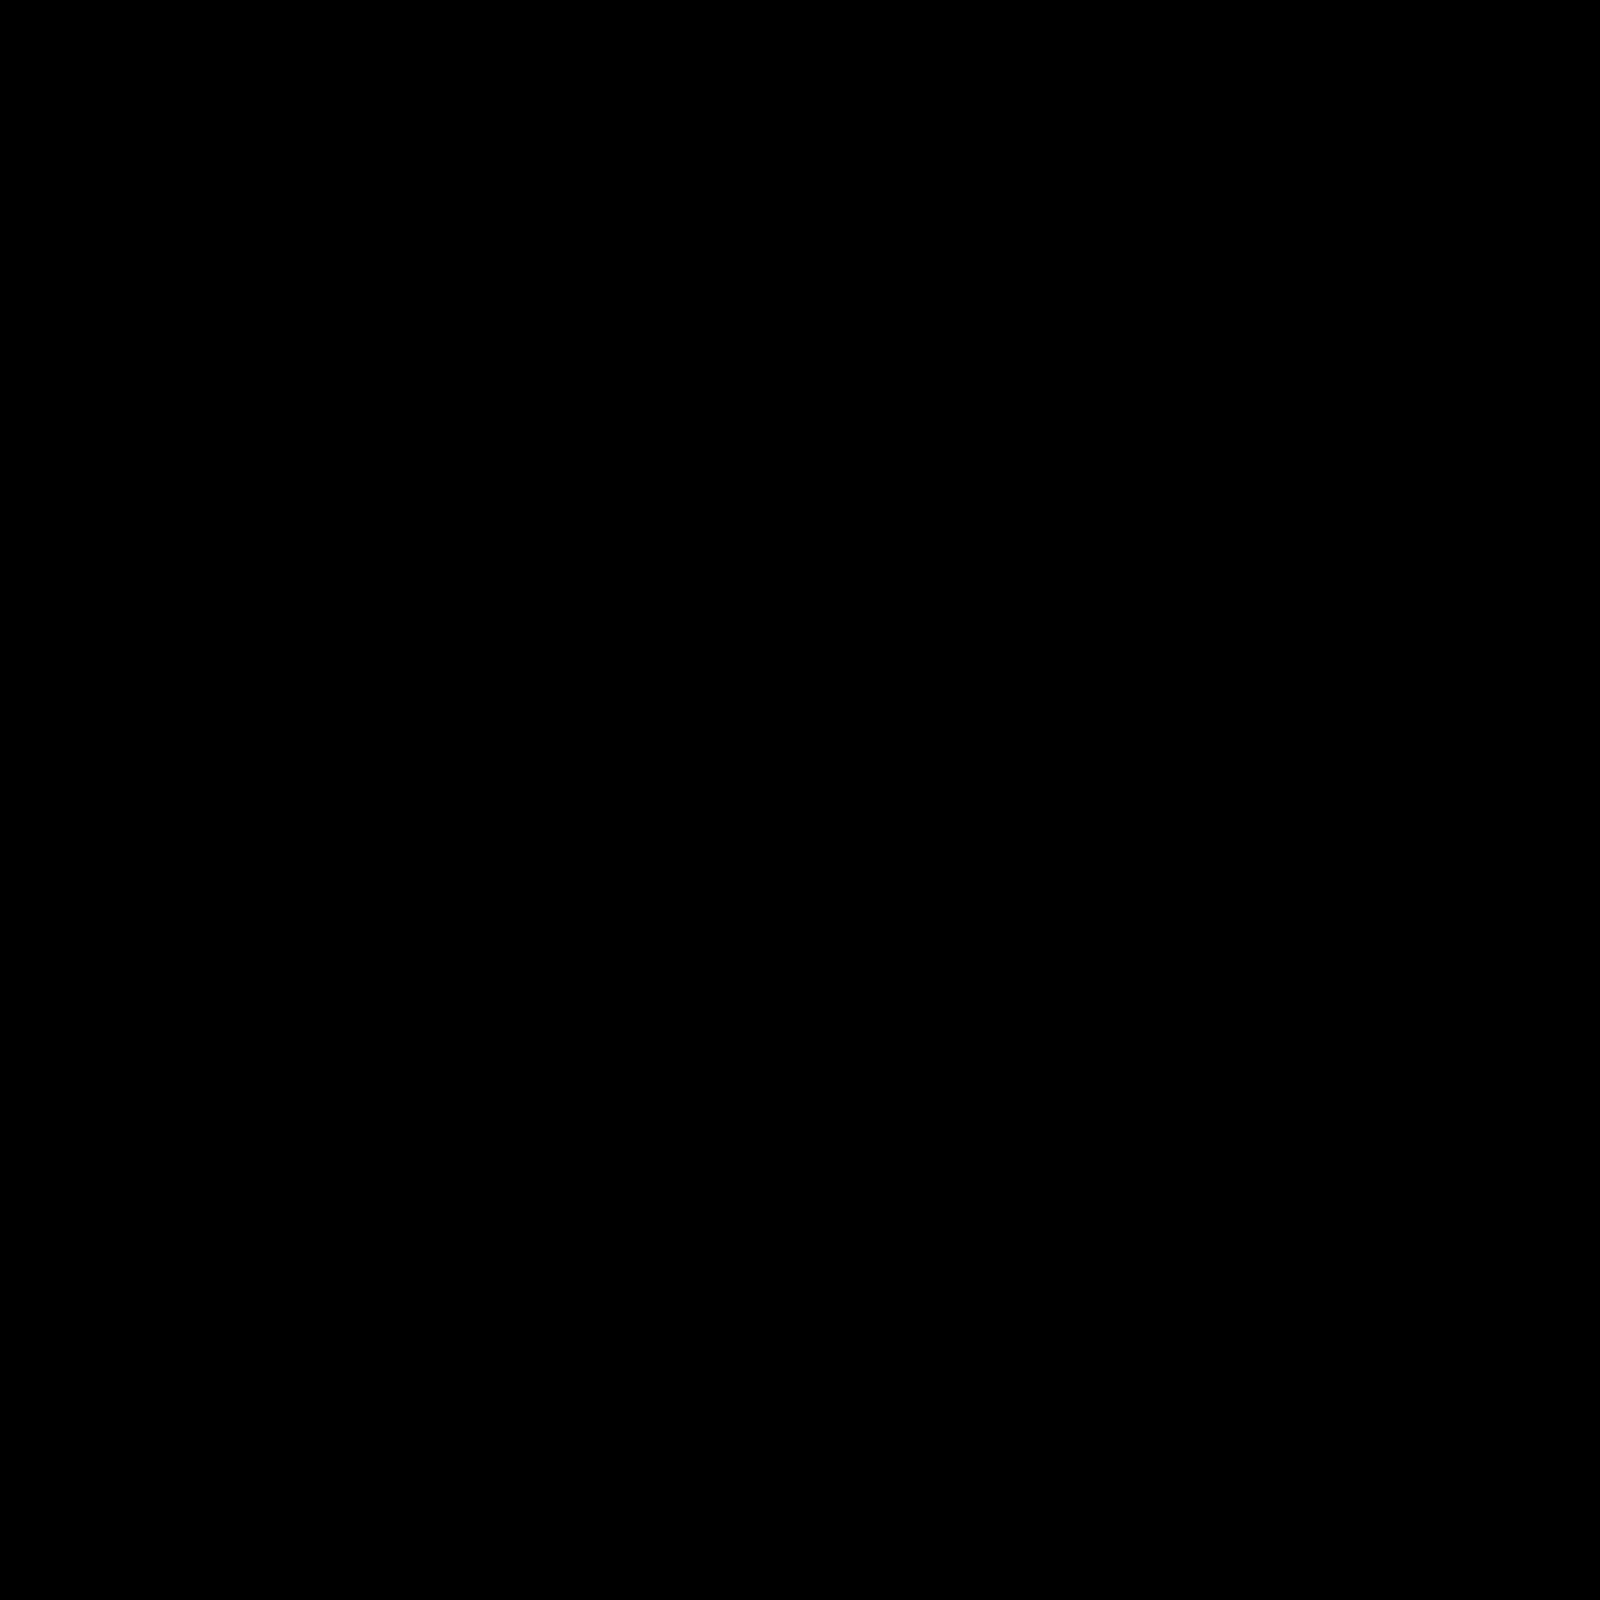 苹果观察 icon. The icon looks like the face and straps of a rectangular watch, with no face features. the straps are at the top and bottom of the watch face. There is a semicircle on the right side of the watch to look like a button.